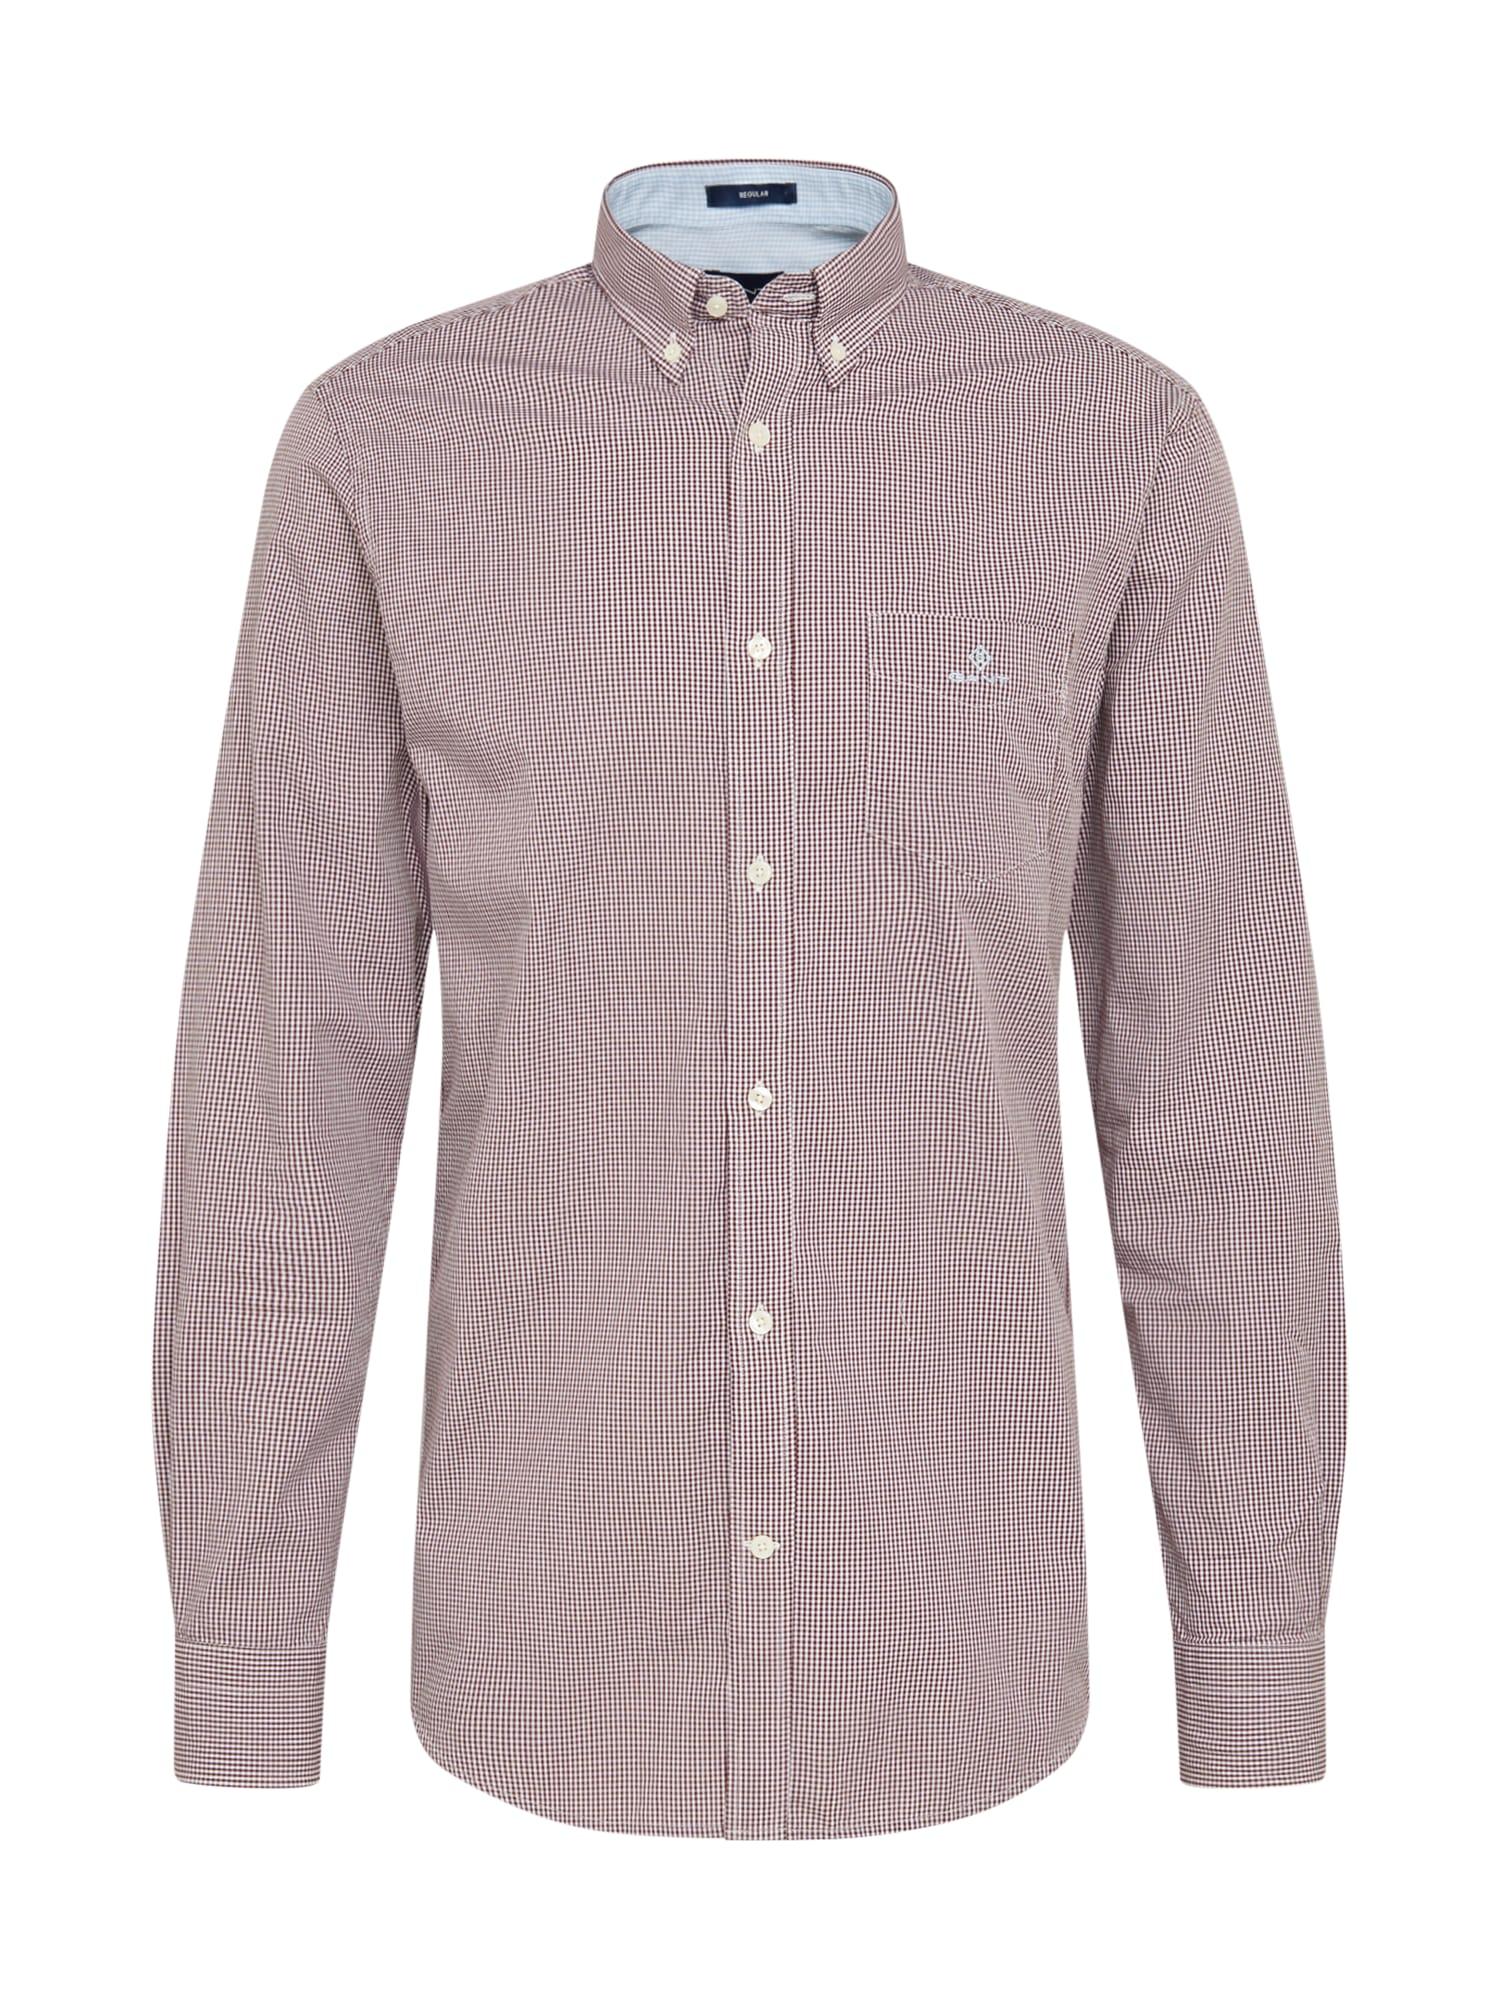 GANT Marškiniai vyšninė spalva / balta